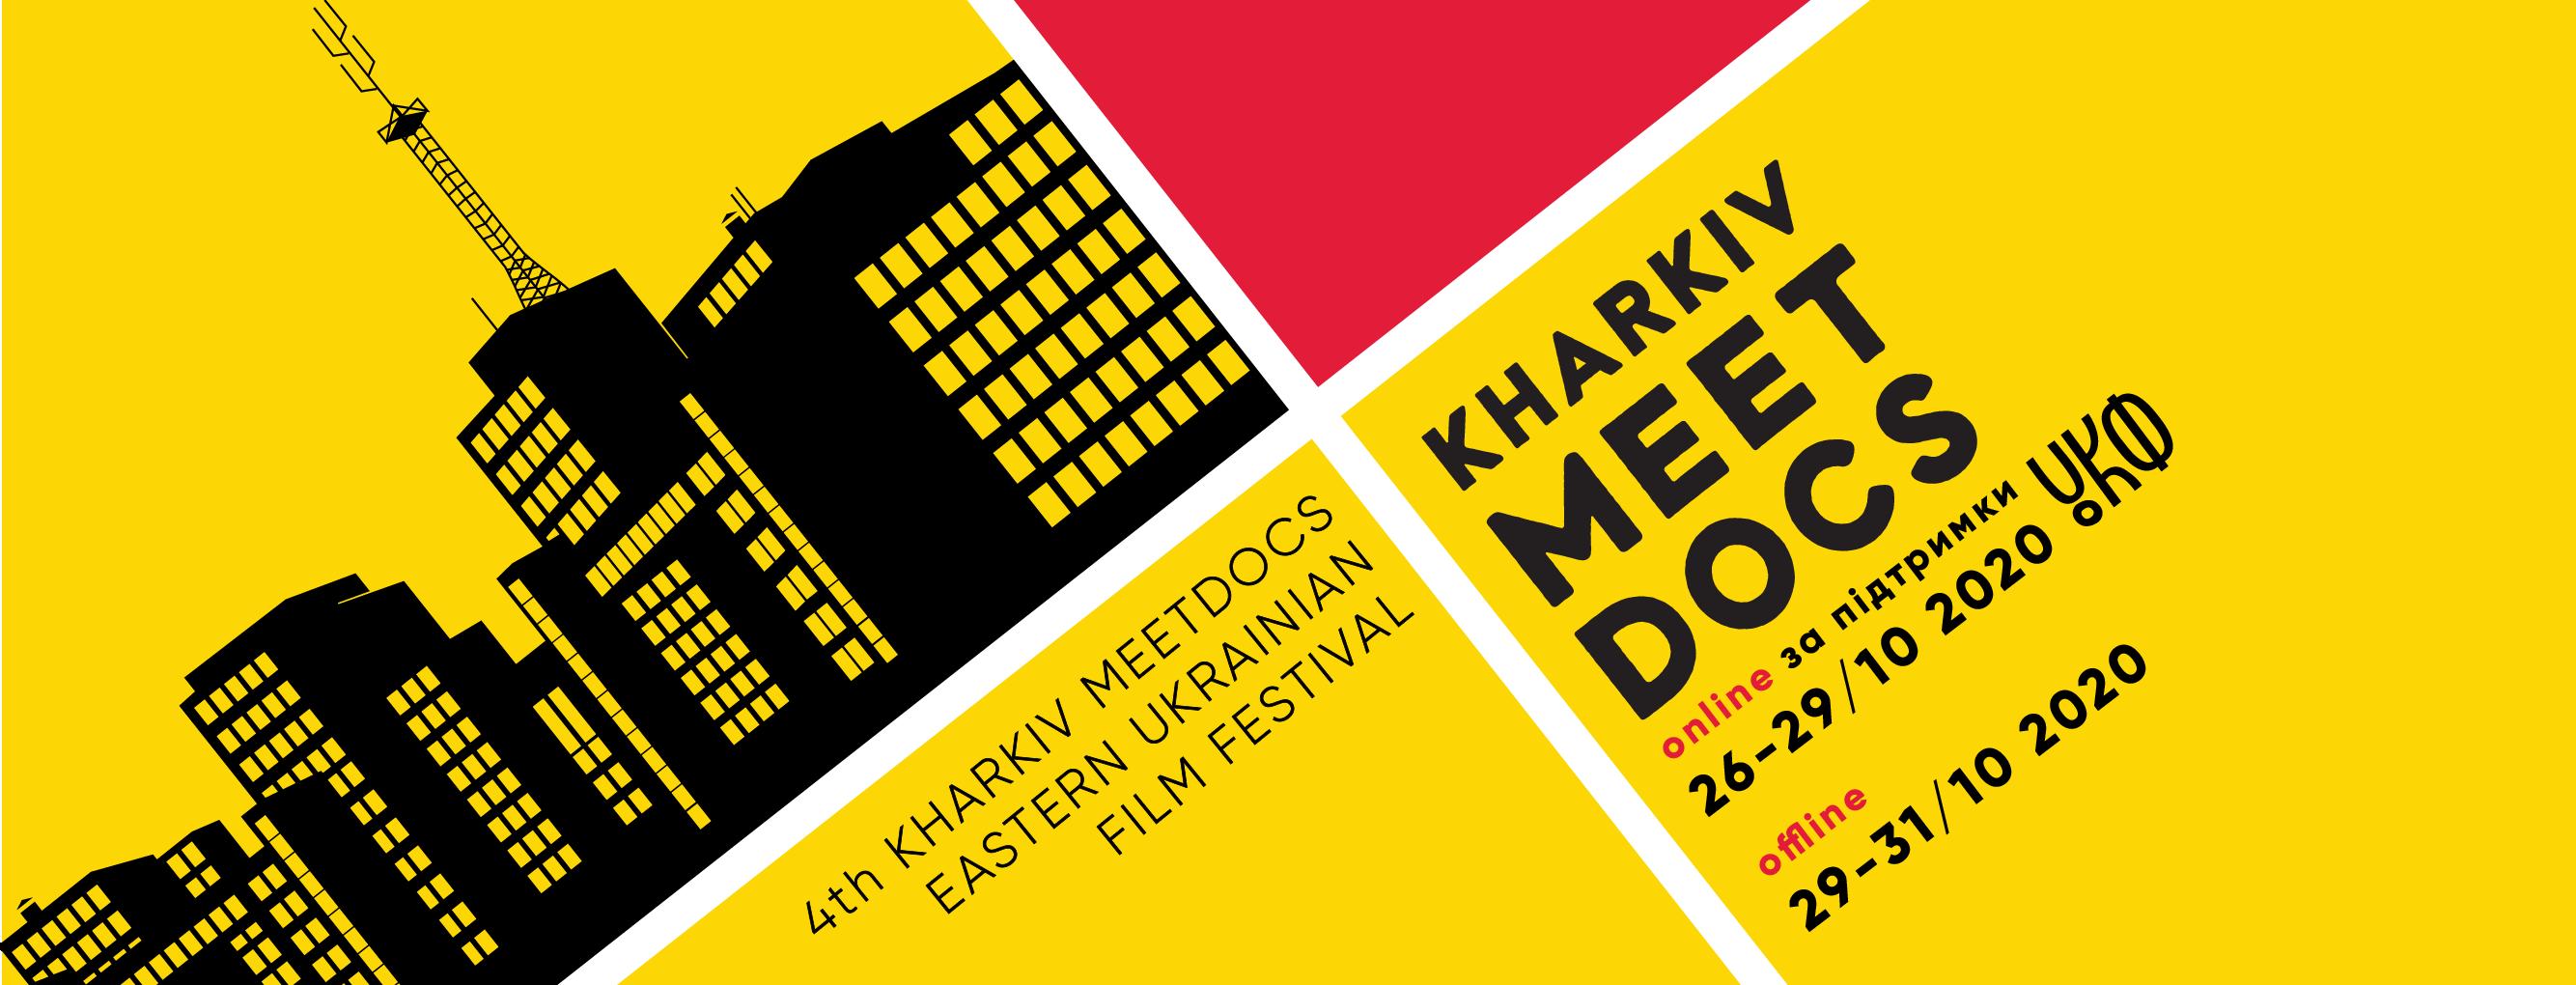 Международный кинофестиваль Kharkiv MeetDocs в этом году пройдет в смешанном онлайн-офлайн-формате